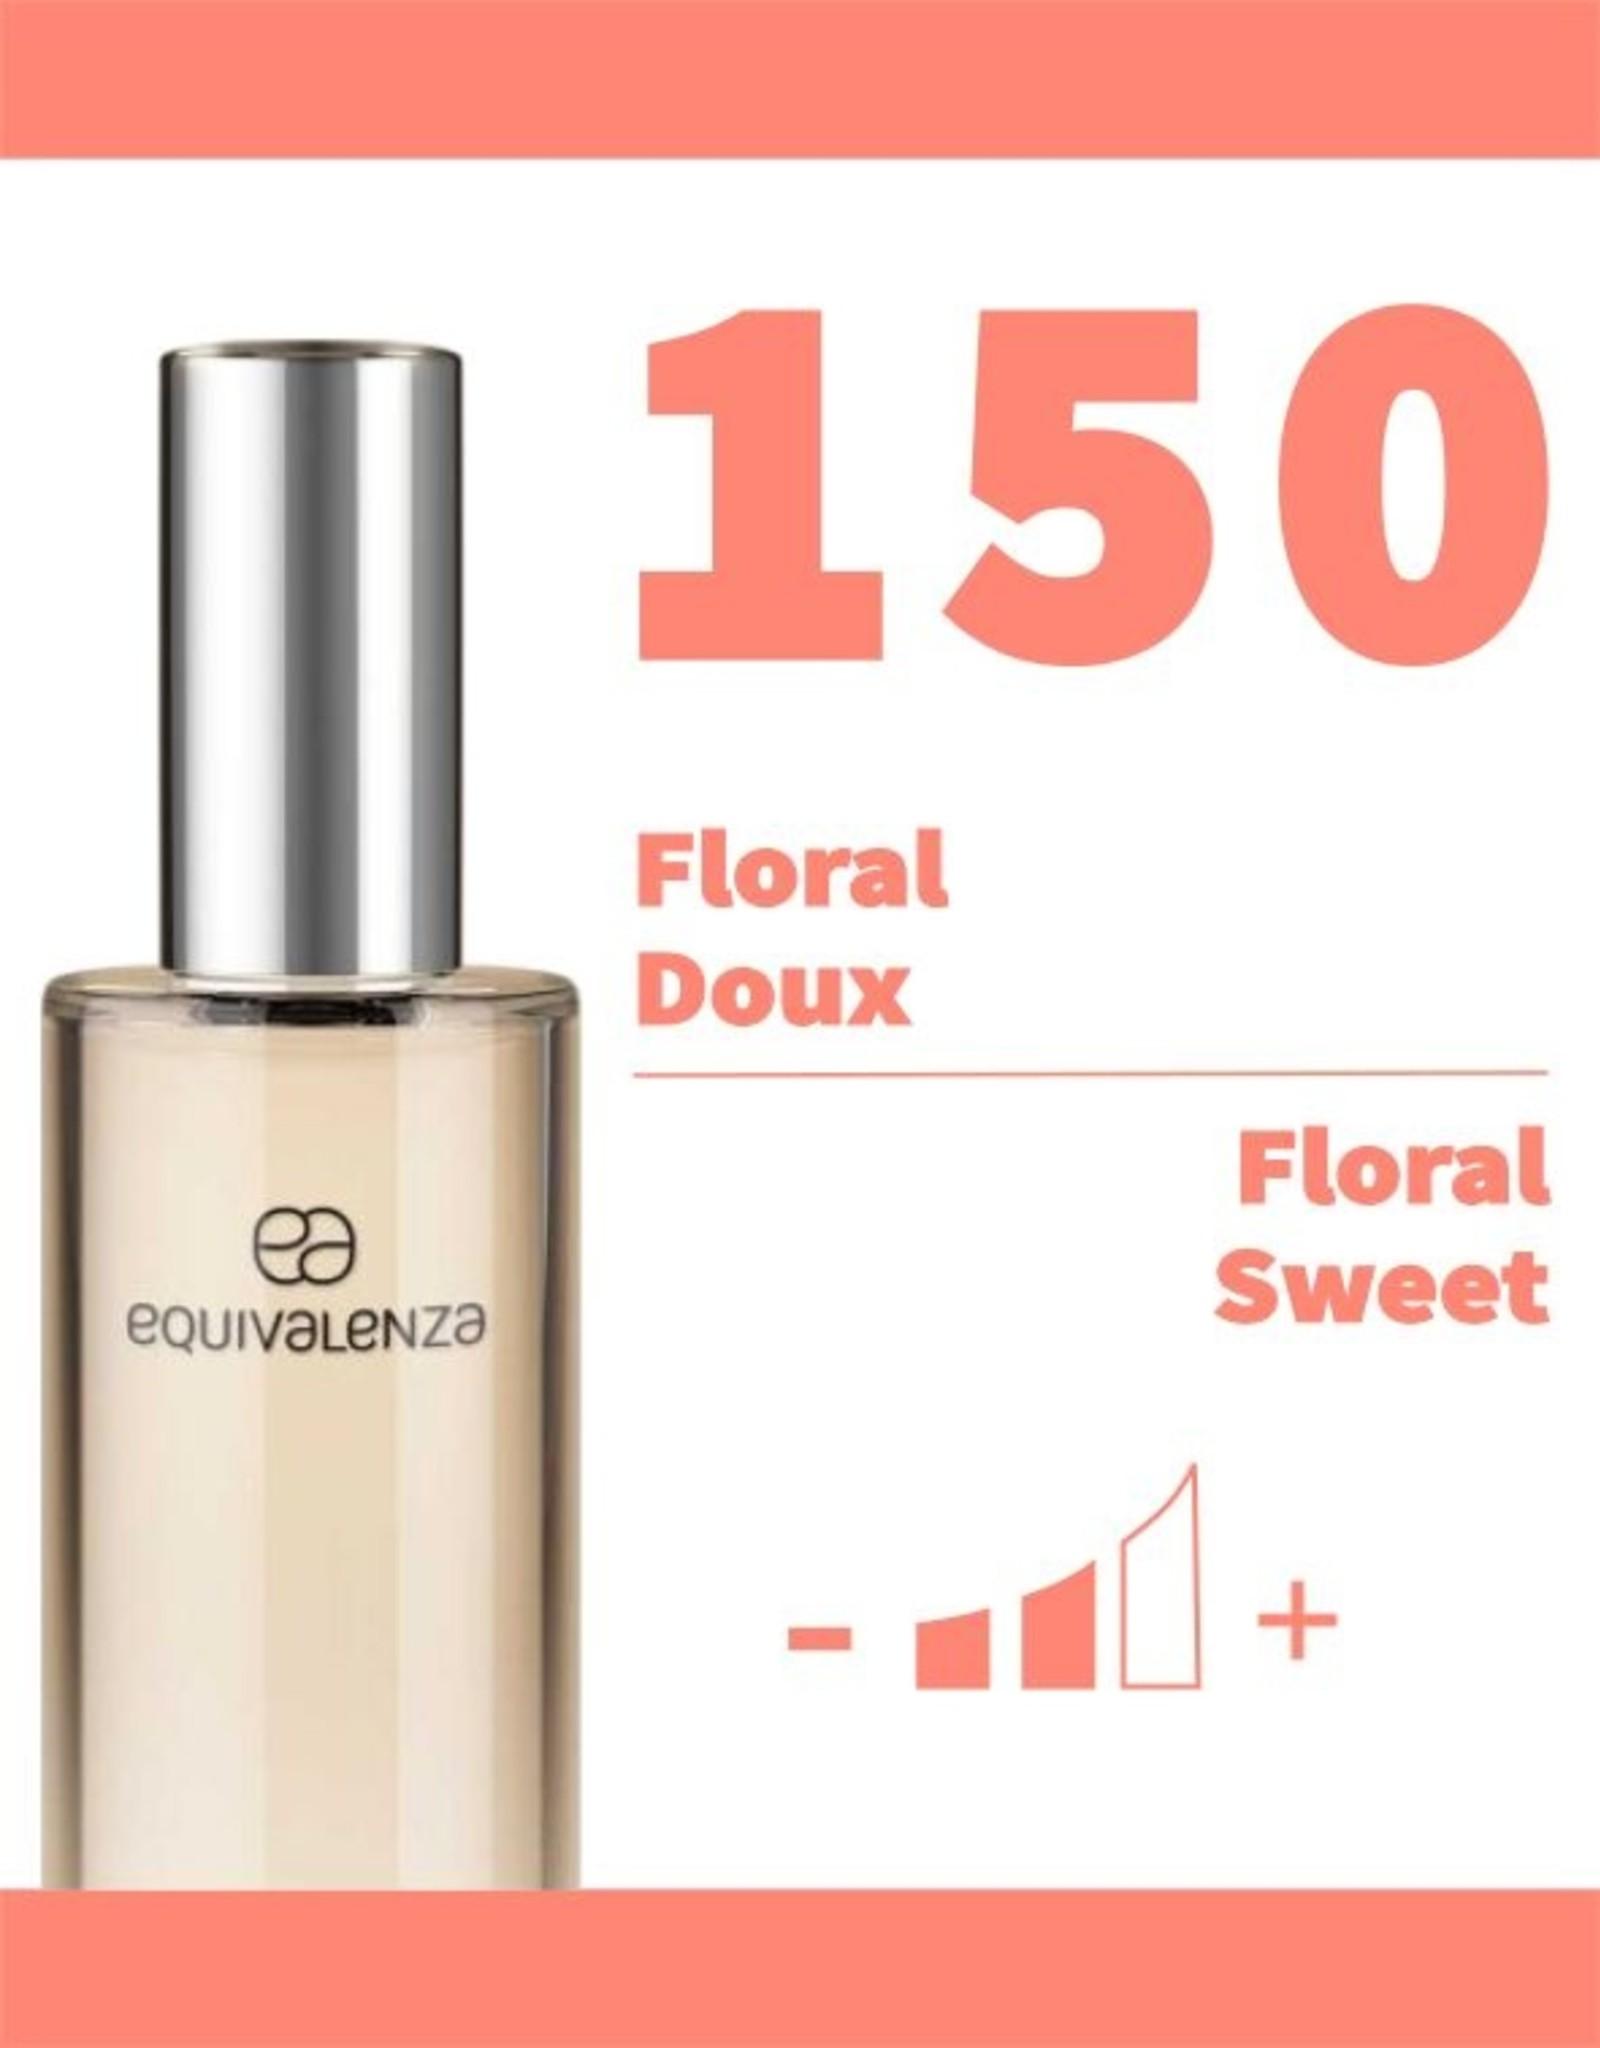 Equivalenza Floral Doux 150